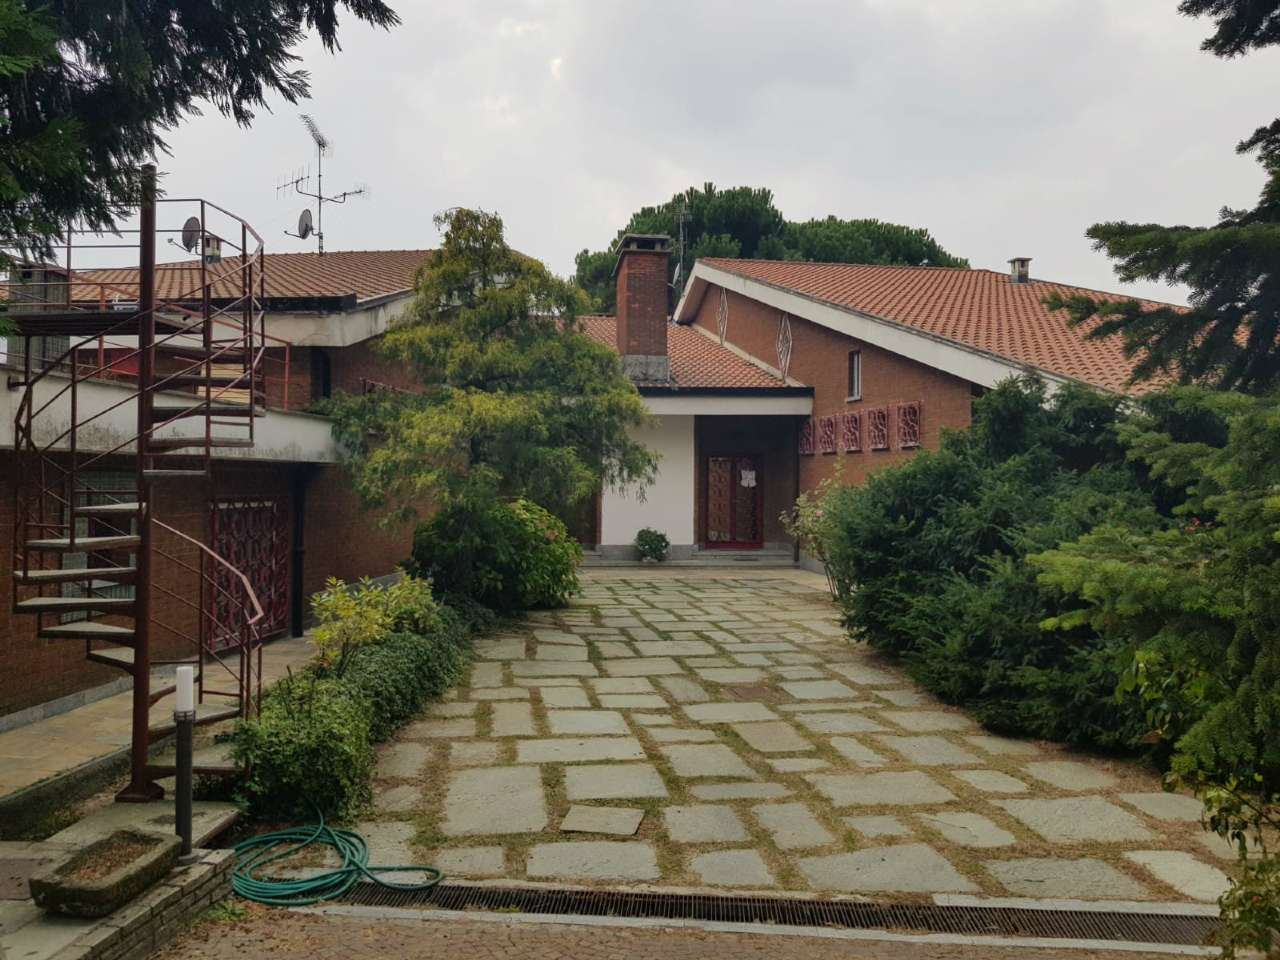 Appartamento in affitto a moncalieri cod key 616 for Affitto moncalieri privato arredato